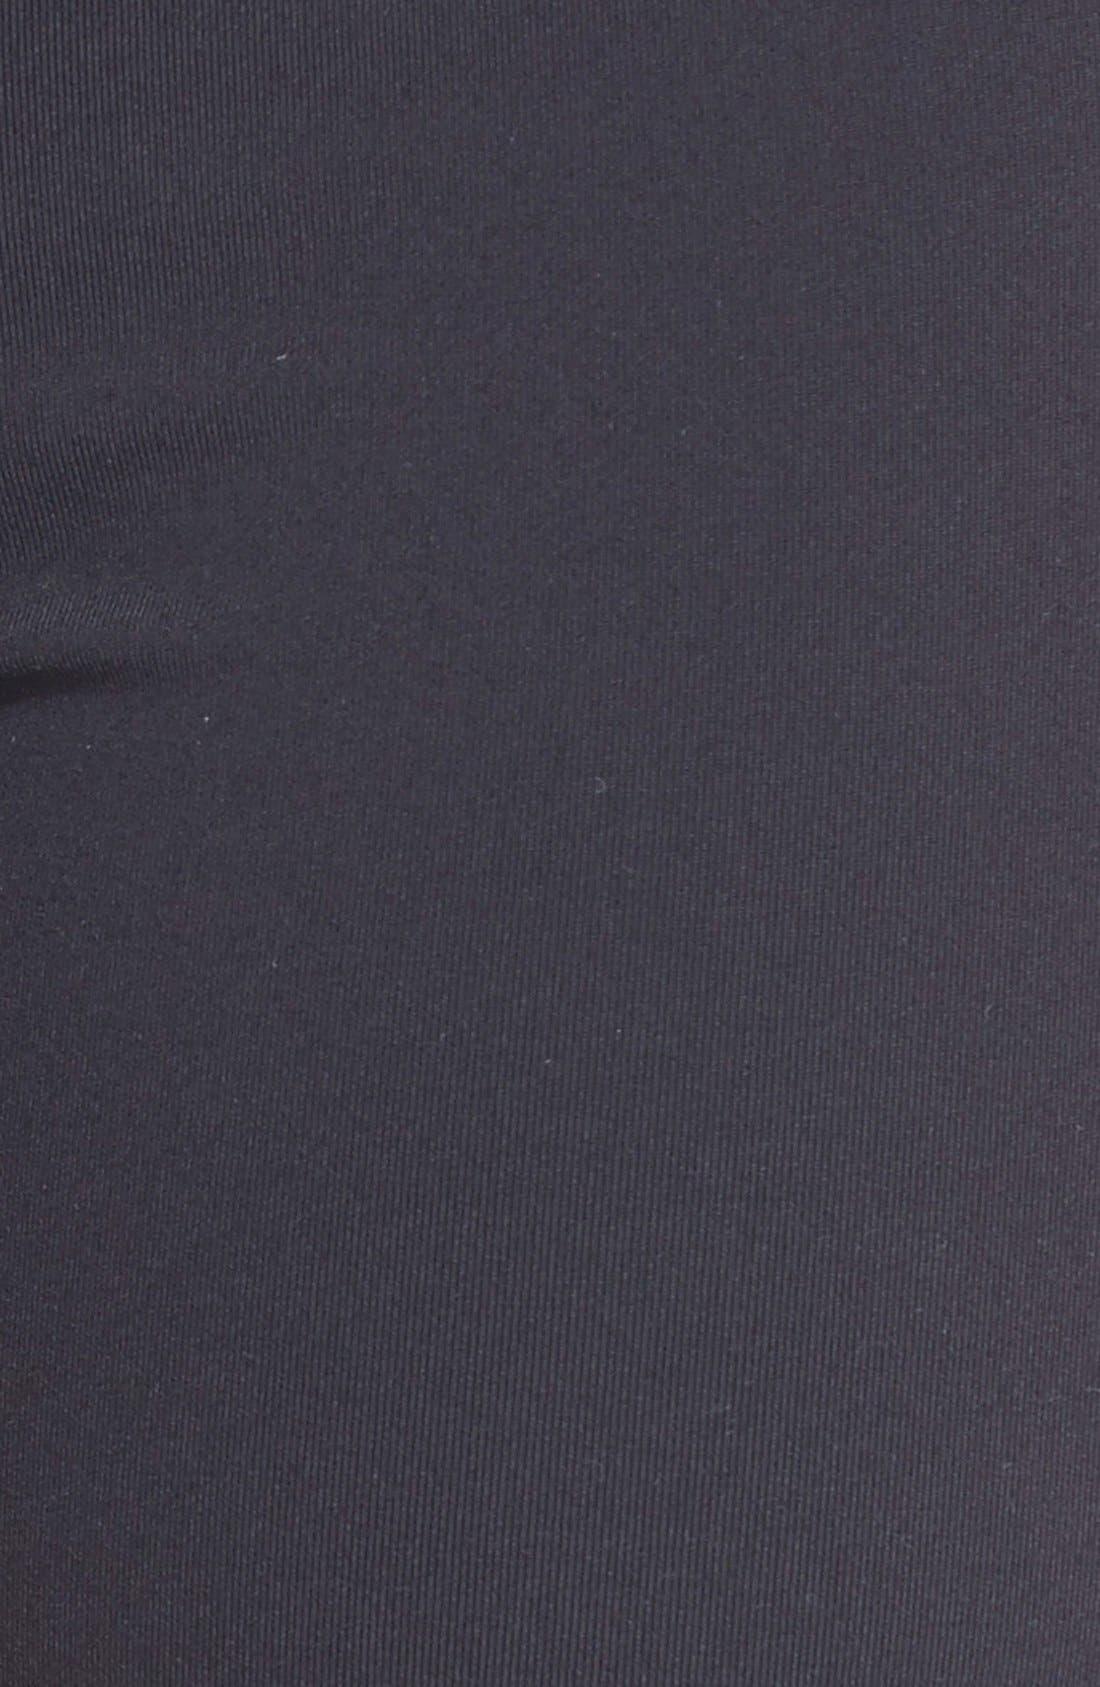 'Burn' Shorts,                             Alternate thumbnail 3, color,                             BLACK